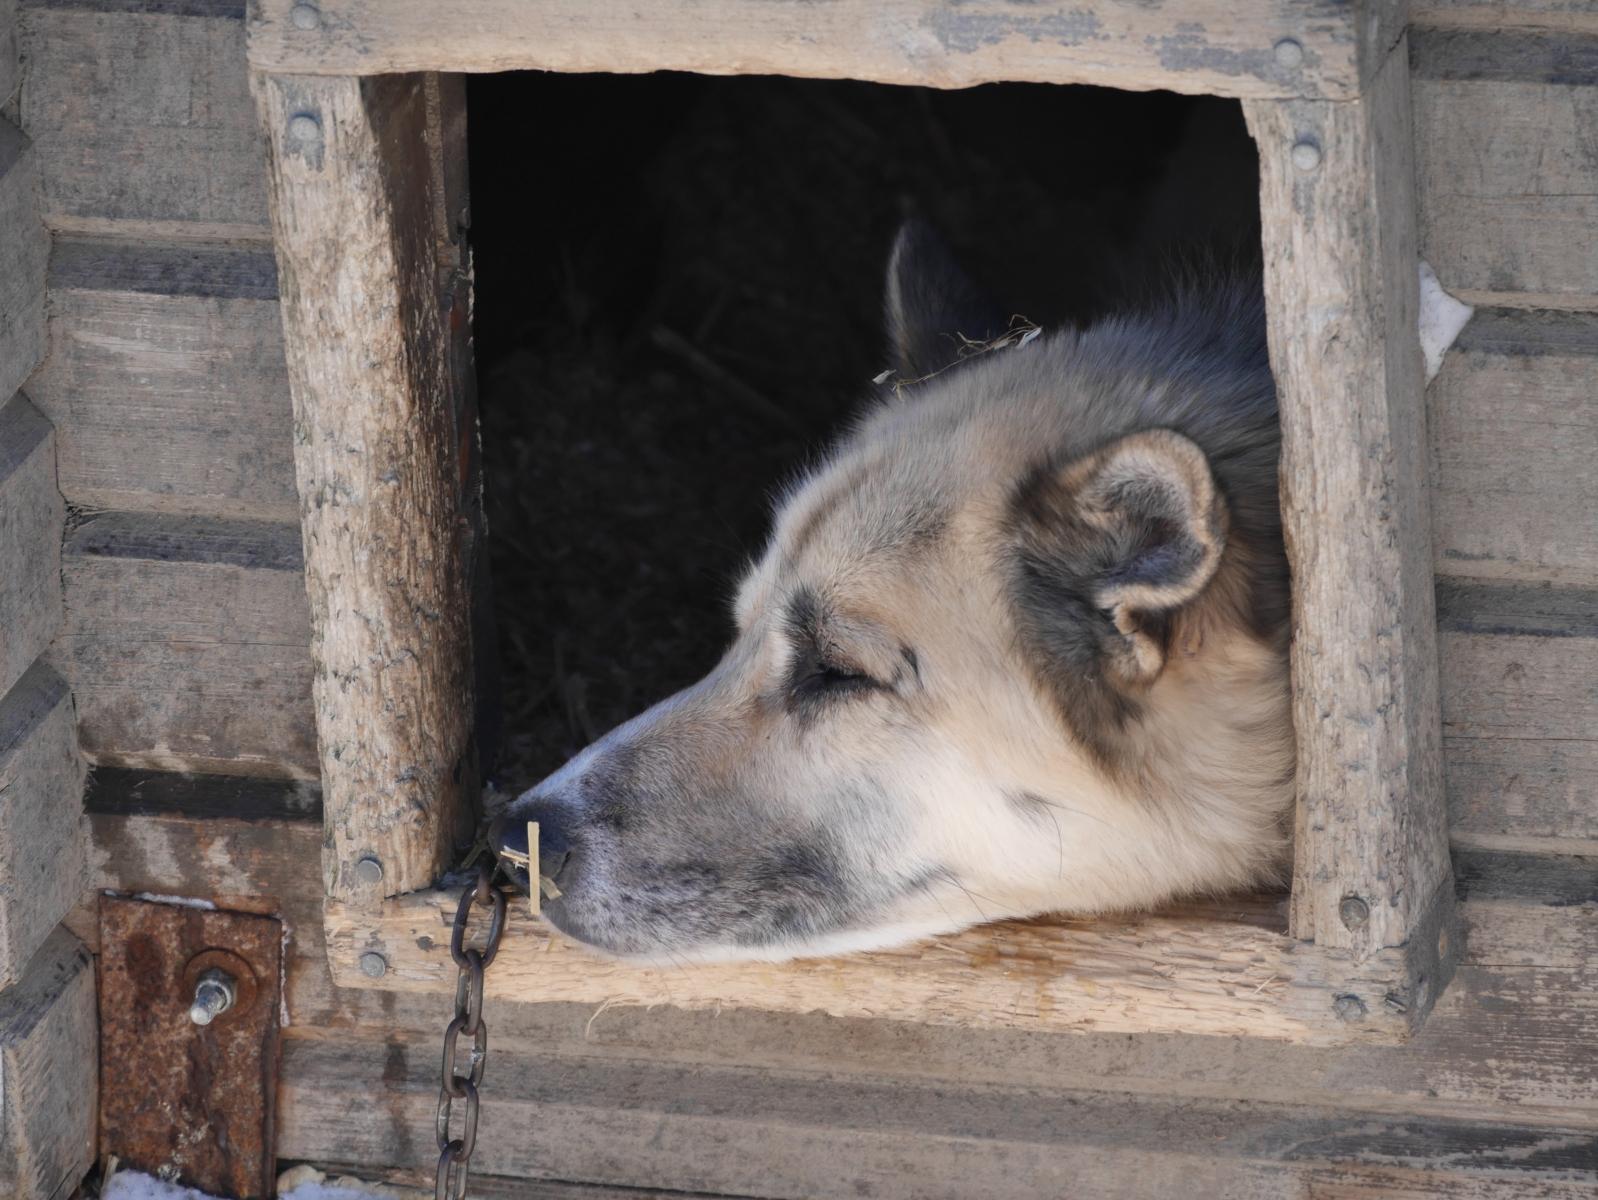 Auch in Kirkenes gibt es eine Schlittenhundefarm, die auf zahlende Besucher wartet. Dieses Vergnügen hat mit 250 - 300 € seinen Preis.